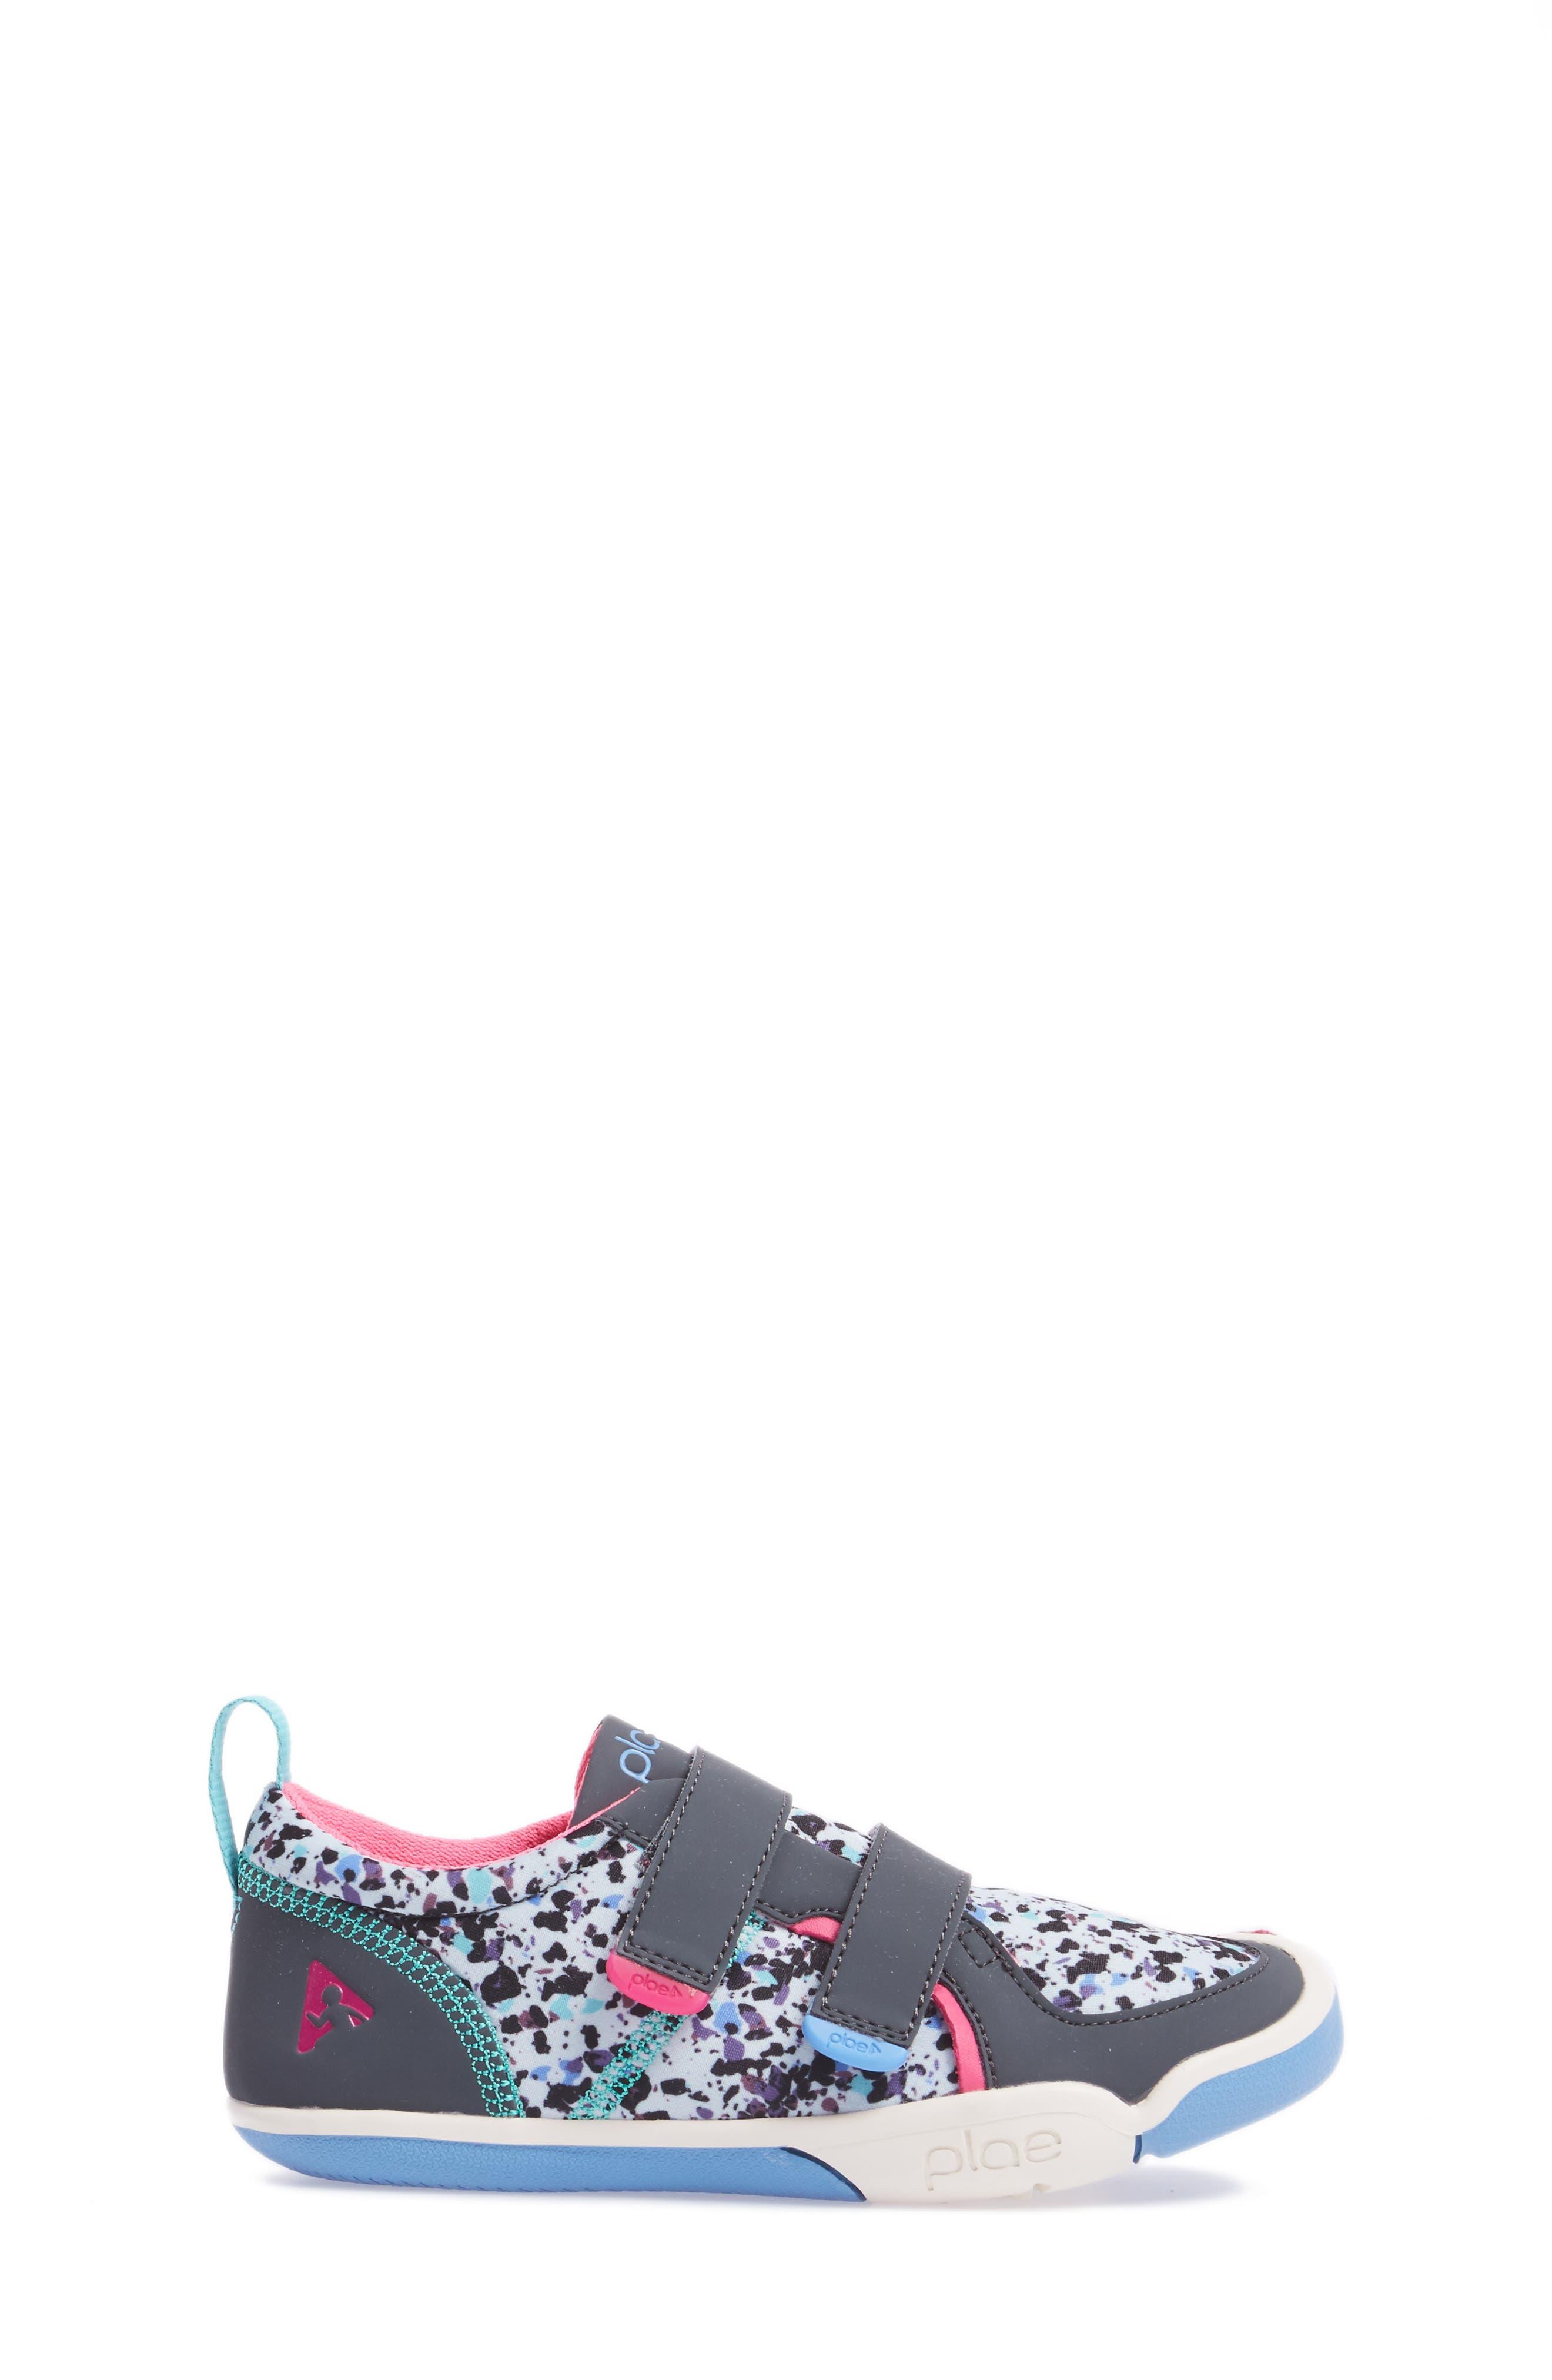 Alternate Image 3  - PLAE 'Ty' Customizable Sneaker (Walker, Toddler & Little Kid)